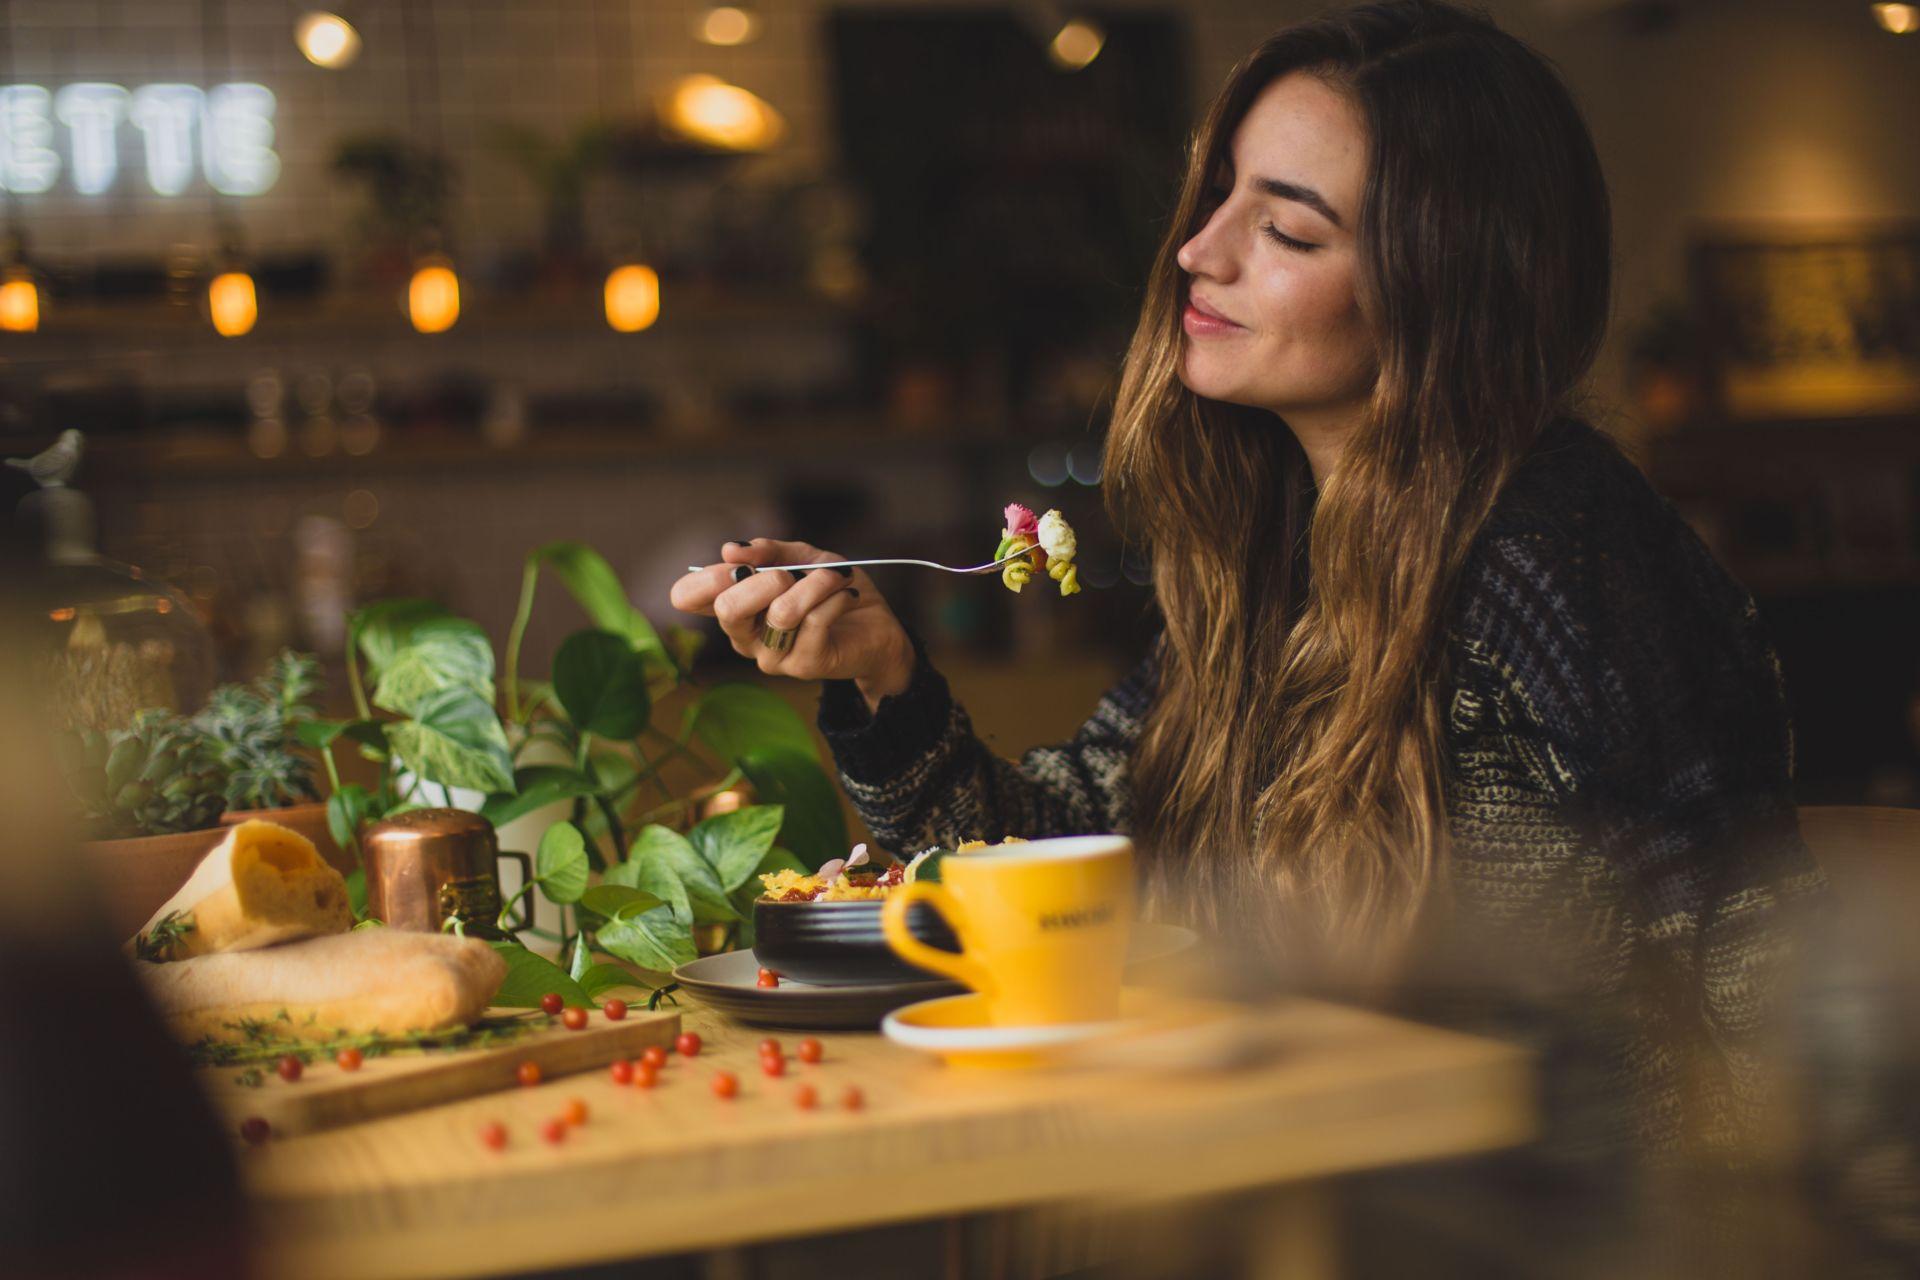 Hemsidor för restauranger - Vår mat